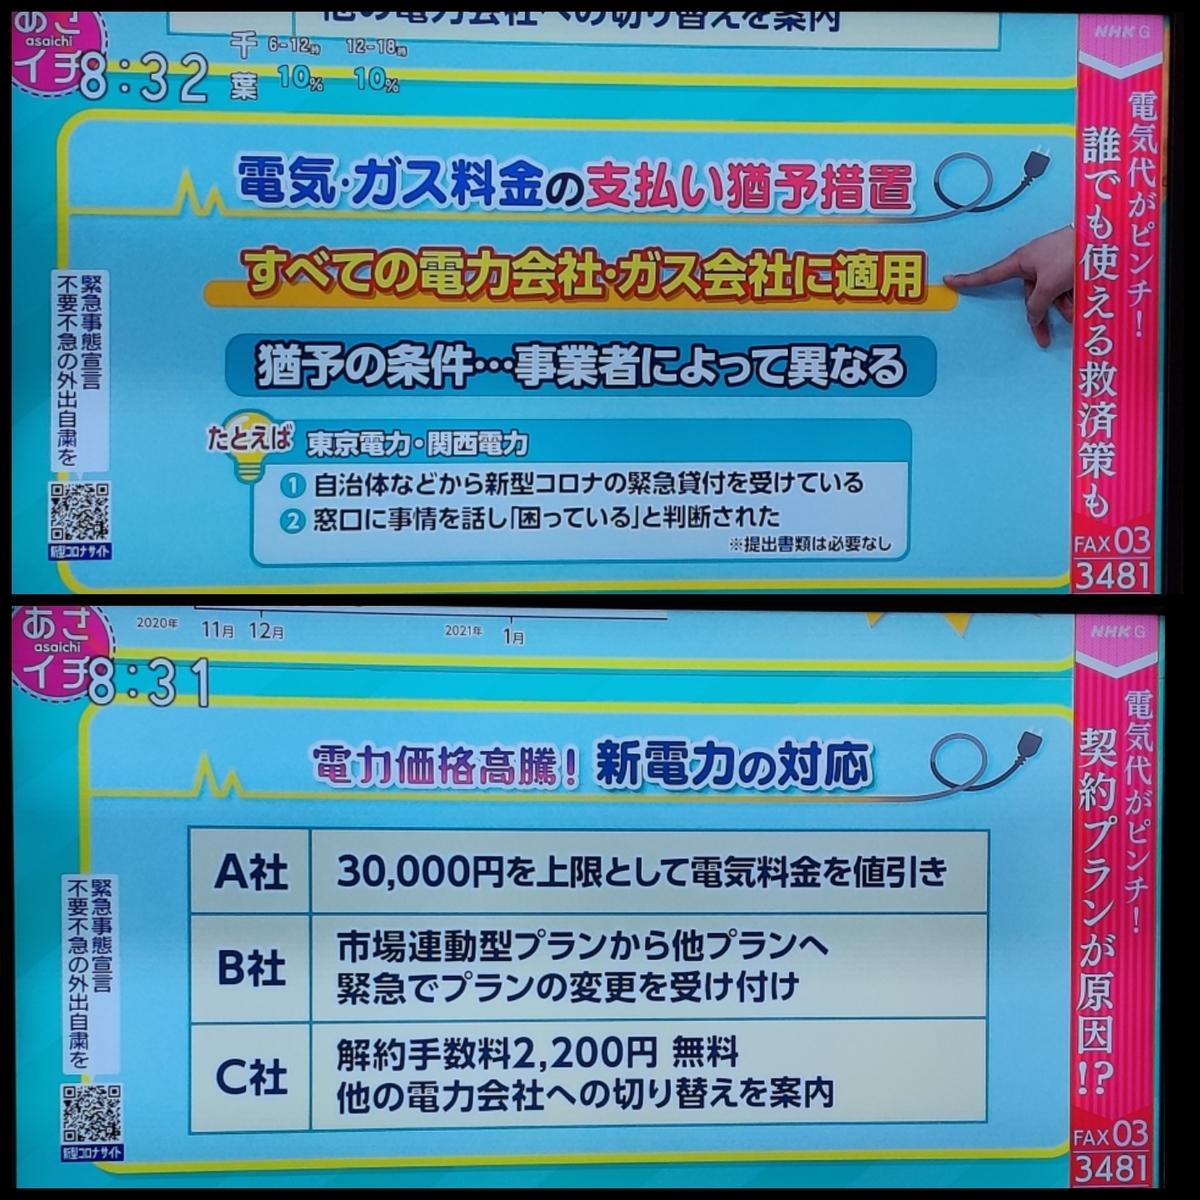 f:id:kazumaxinvest:20210126175436j:plain